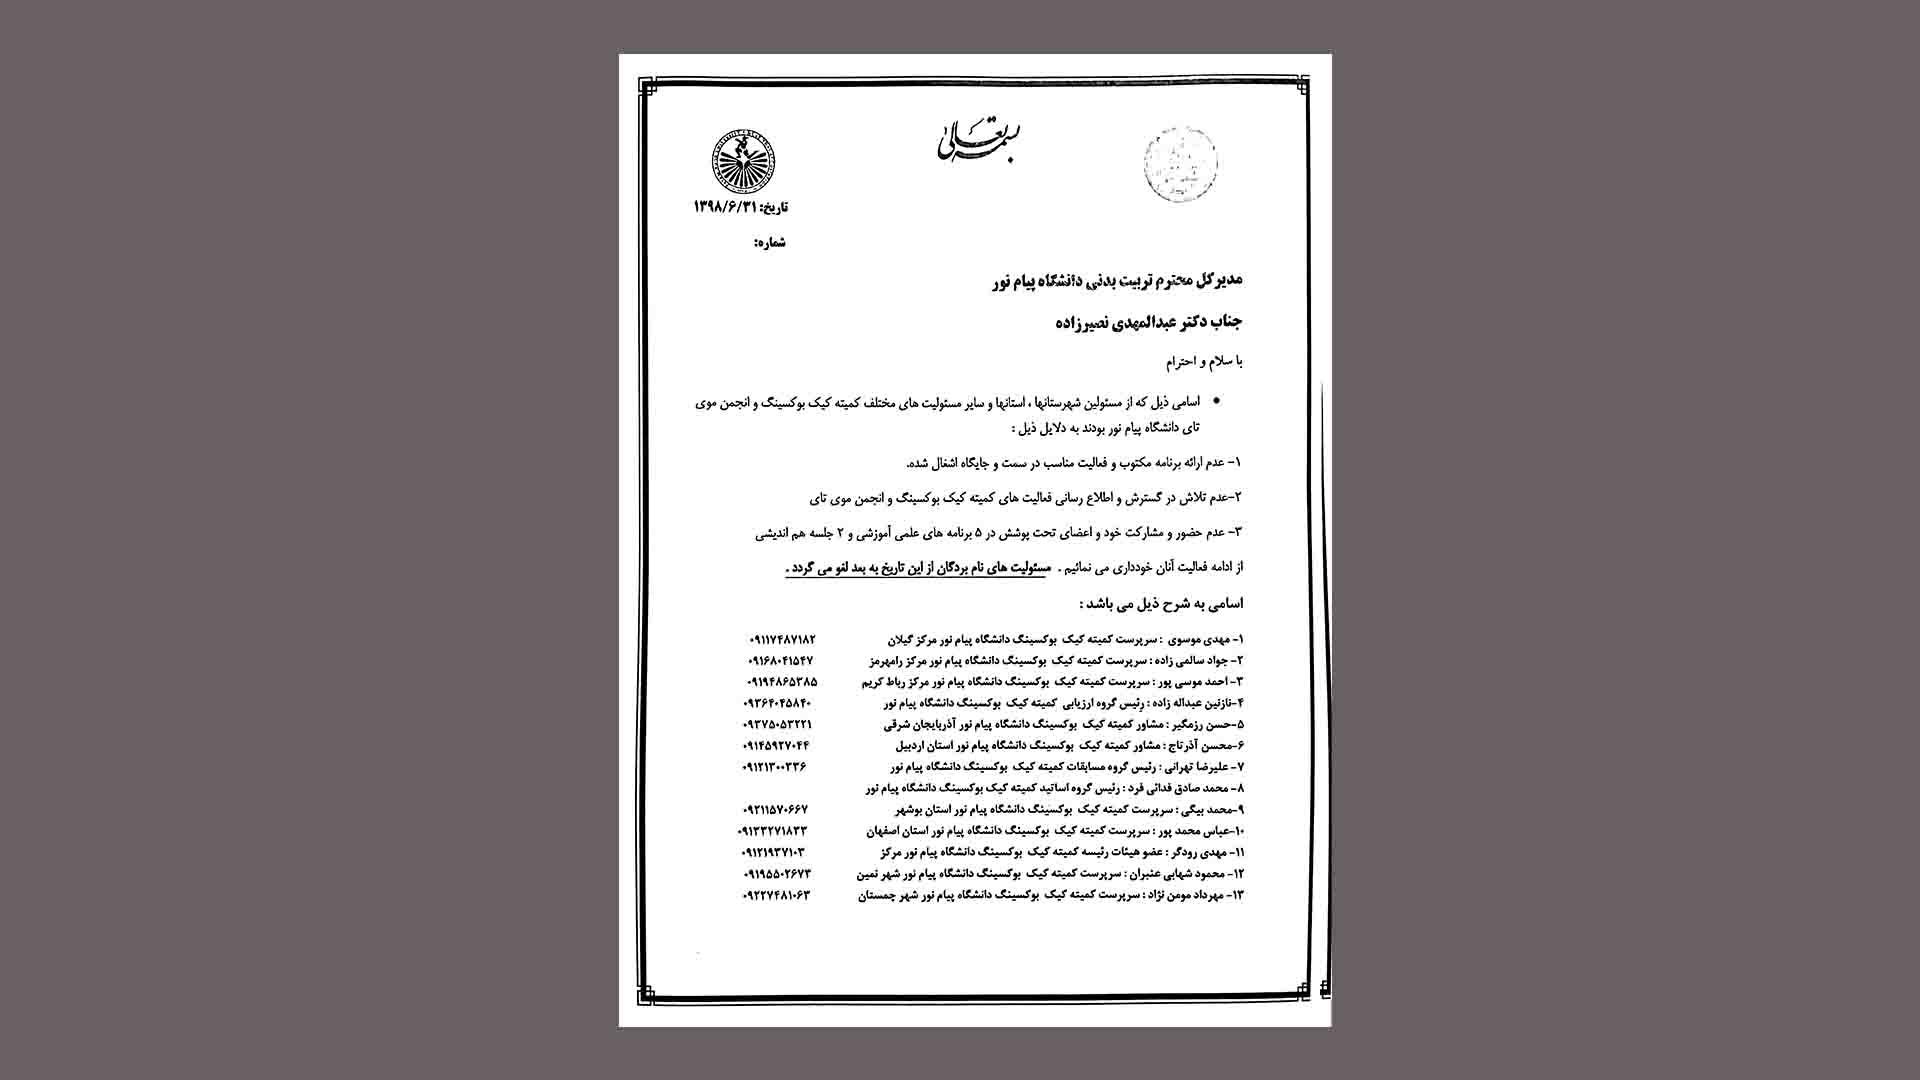 1 2 - لغو اعضای غیر فعال انجمن کیک بوکسینگ و موی تای دانشگاه پیام نور